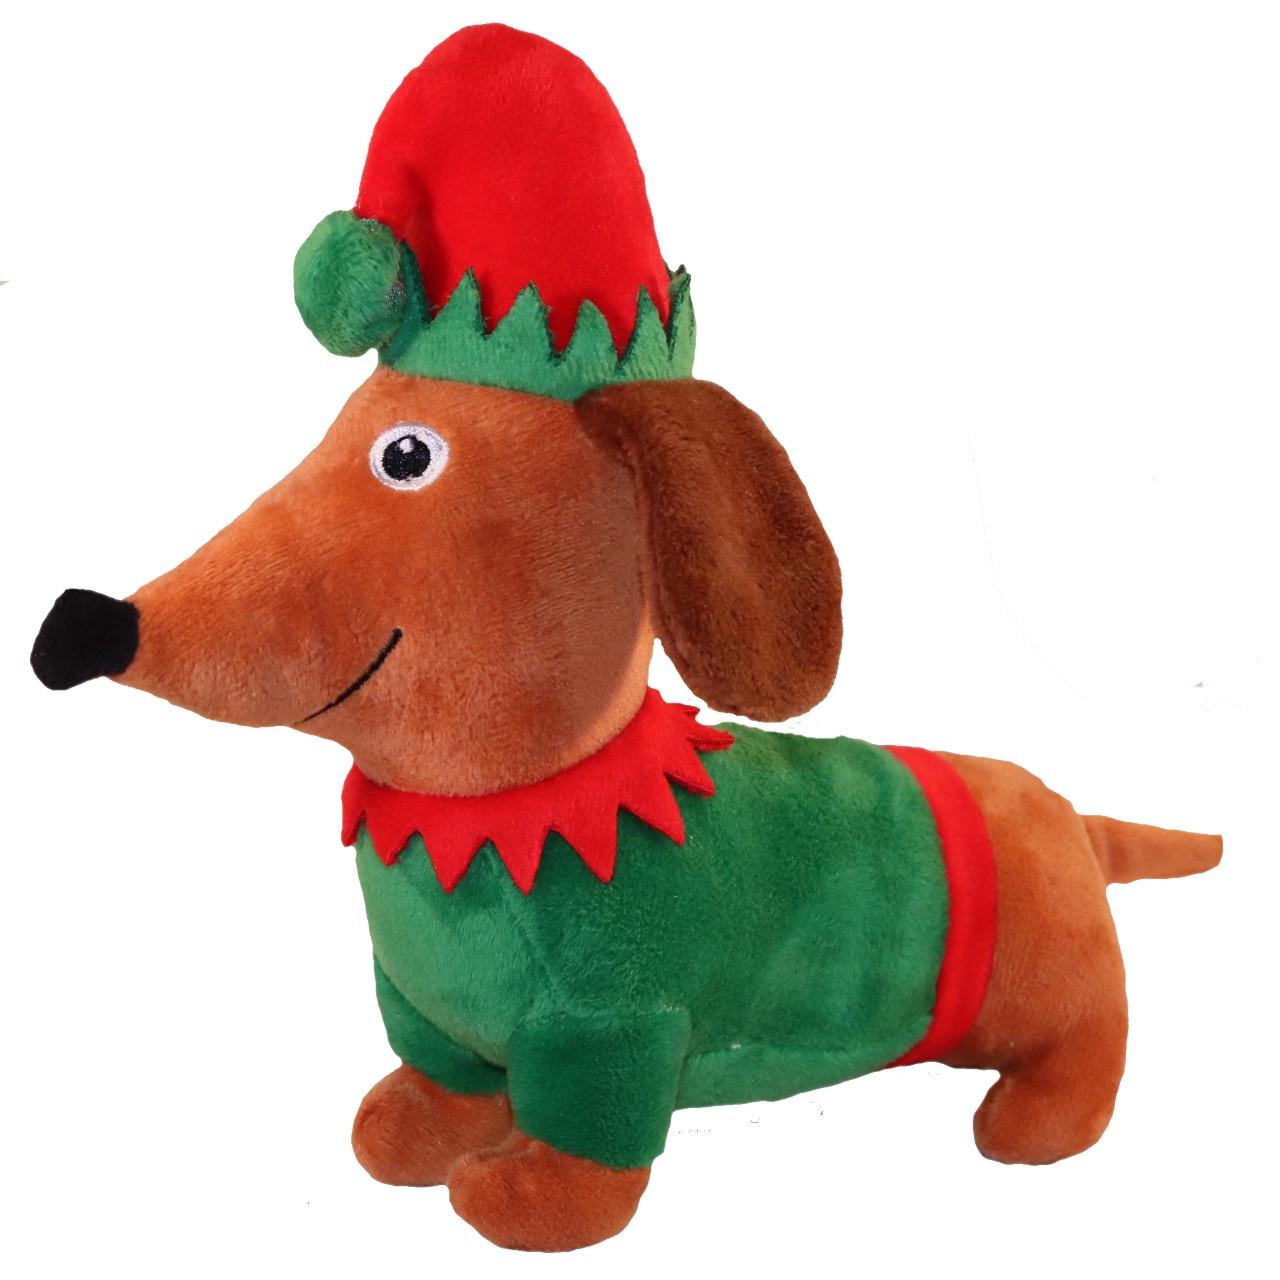 9 5 Inch Merry Bright Holiday Wiener Elf Dachshund Dog Plush Toy